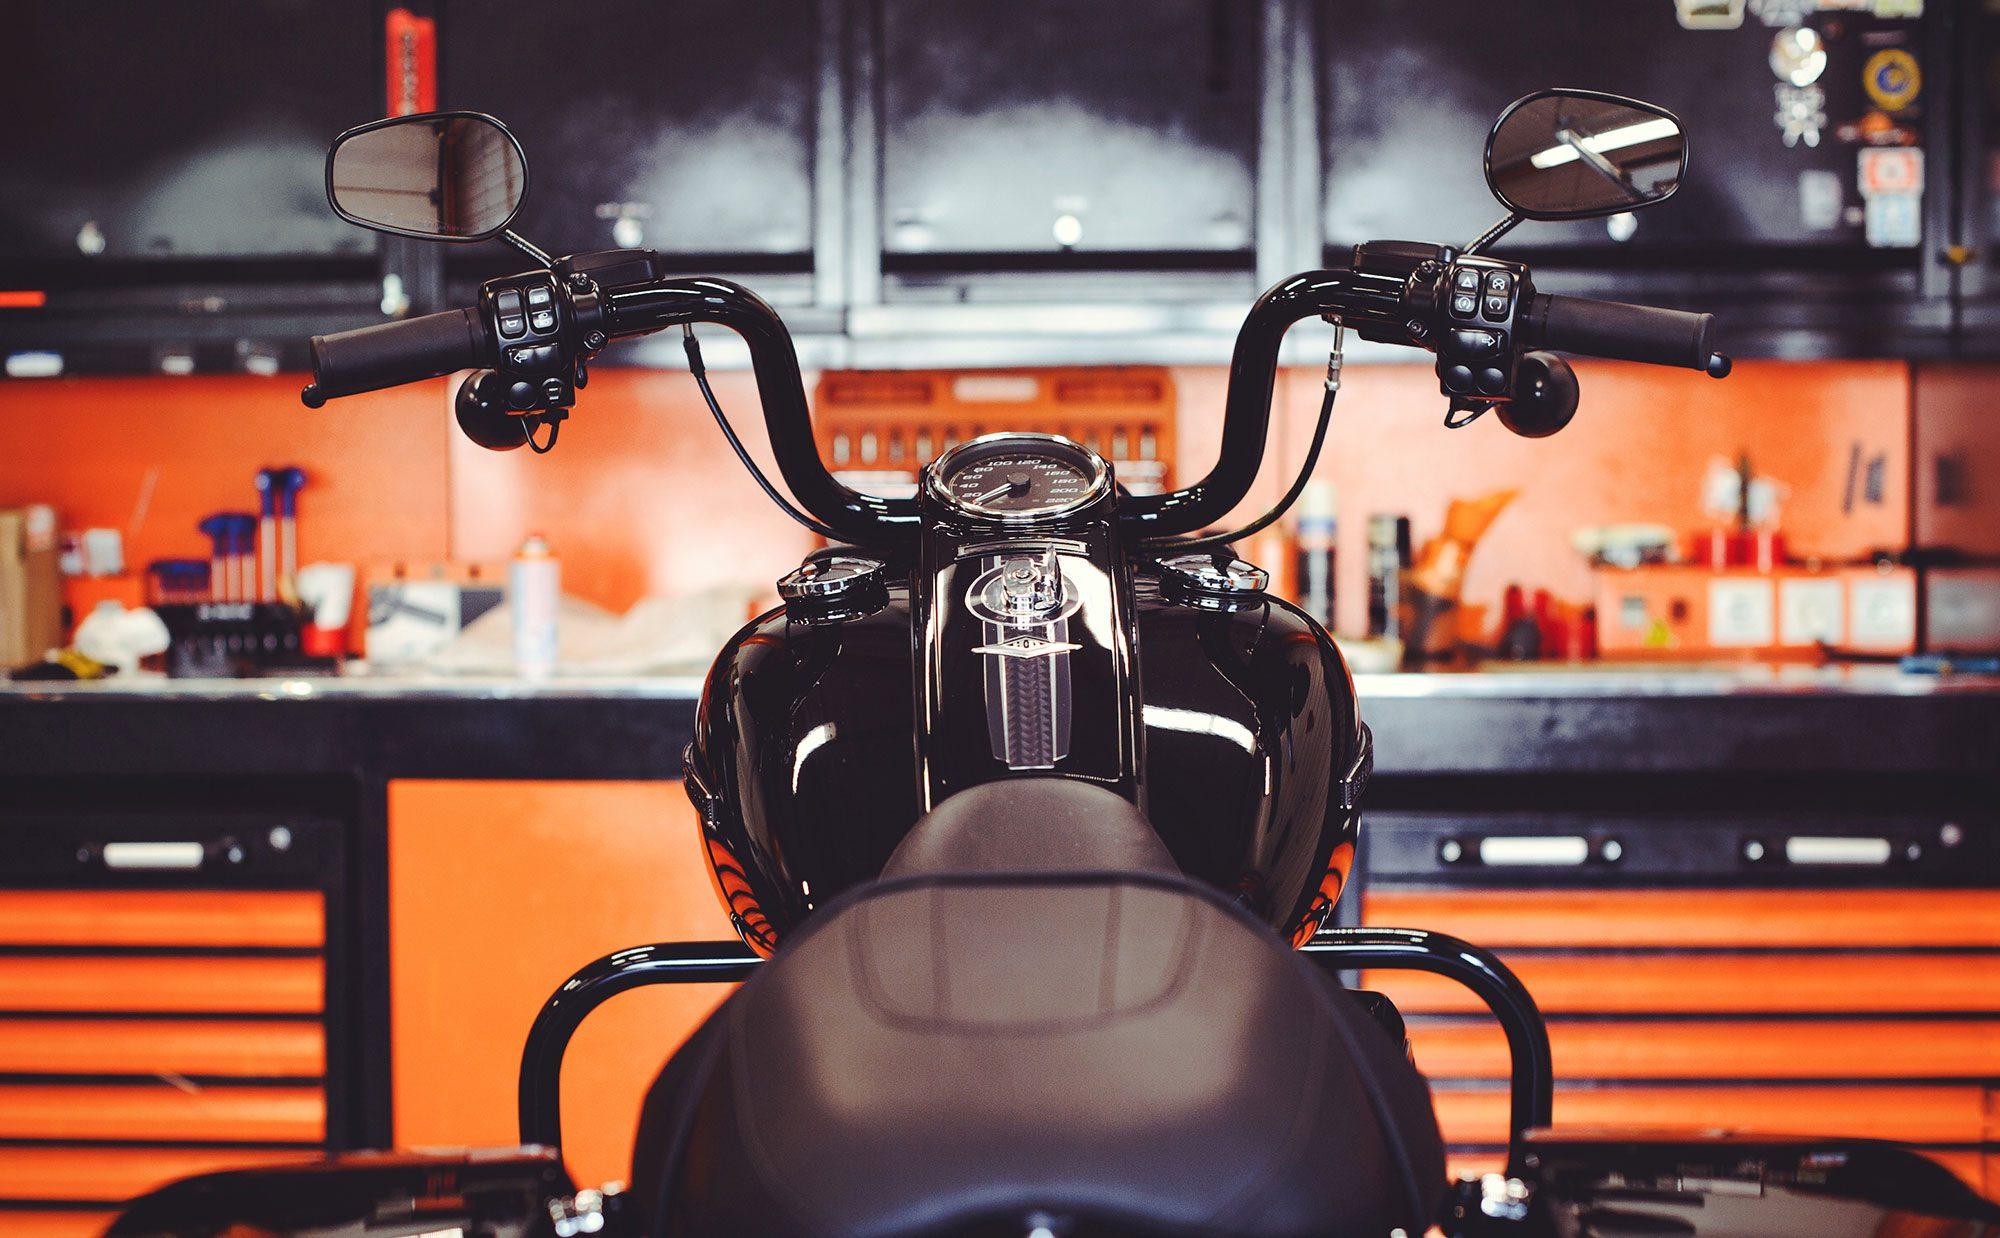 バイクをフルに楽しむ暮らし! 憧れのガレージライフ